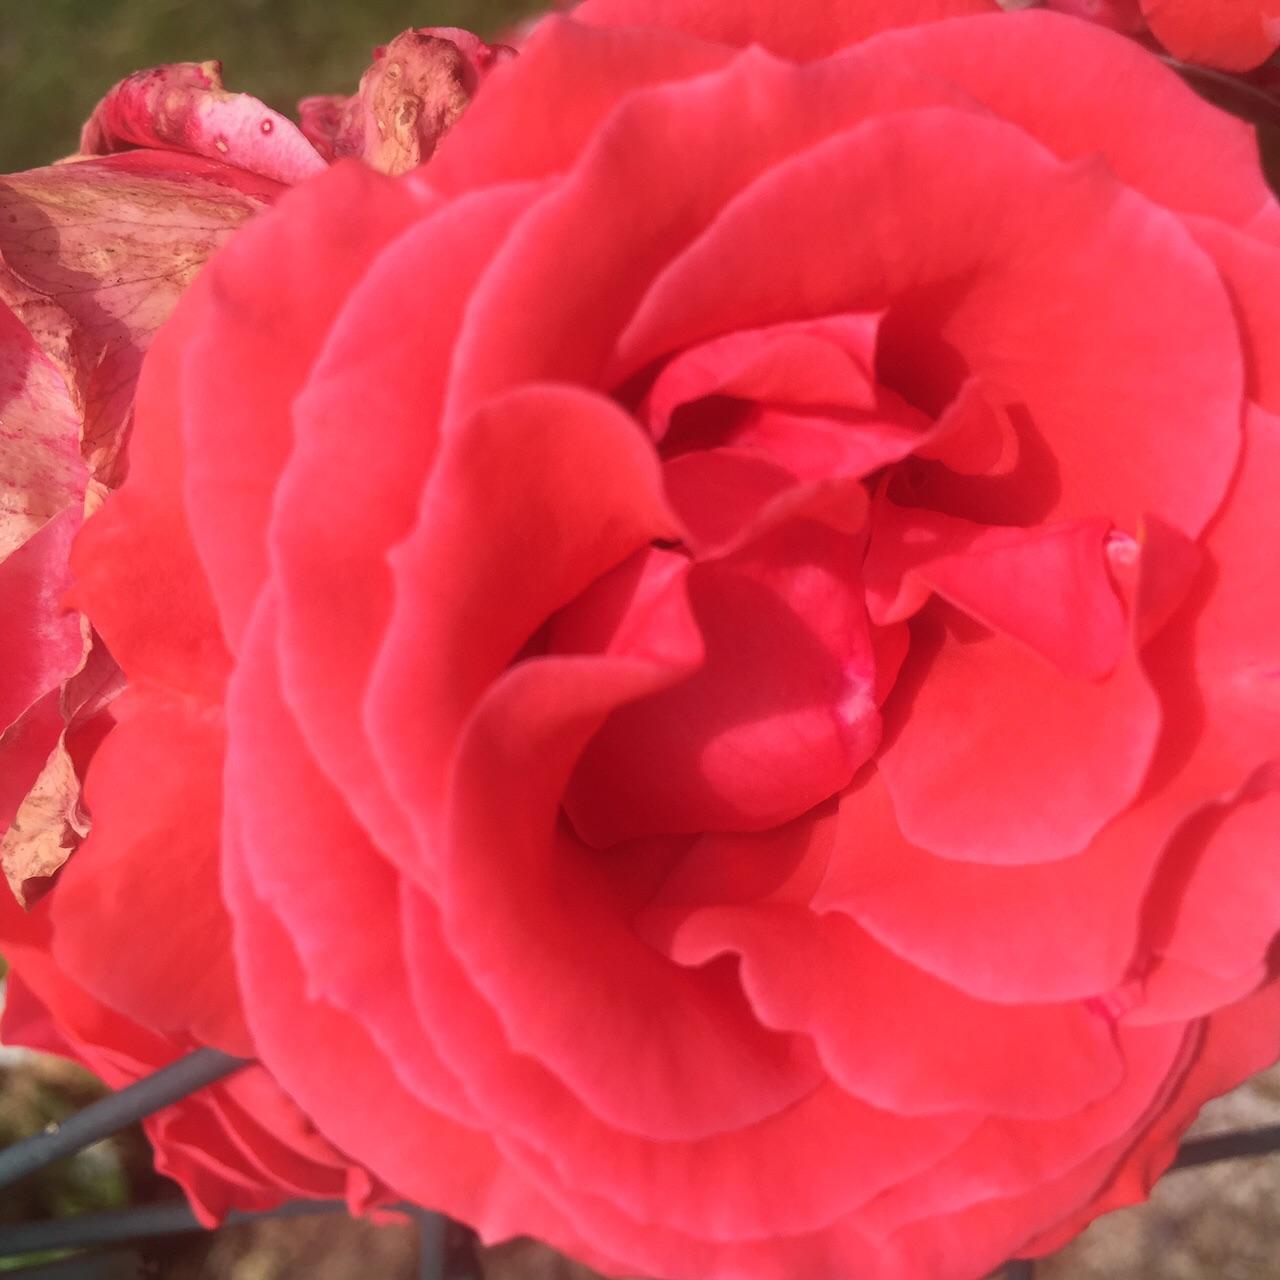 Orangeish reddish rose